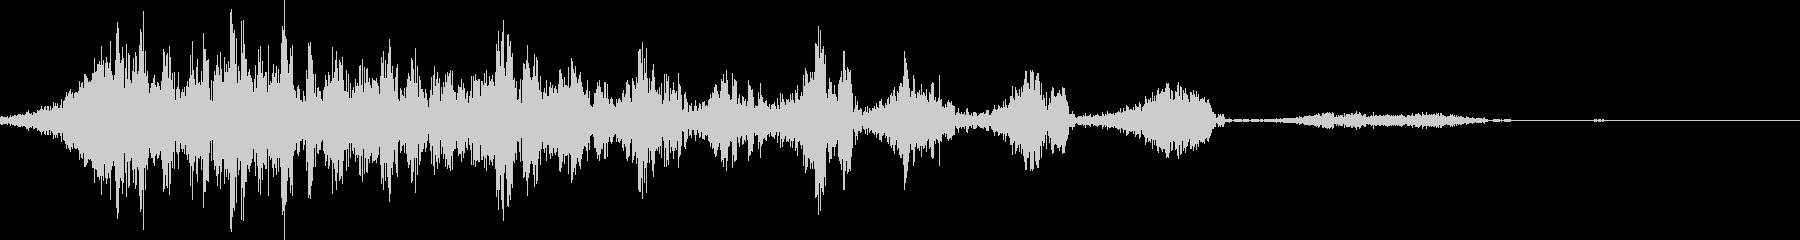 低マルチテキストウーッシュバイ2の未再生の波形